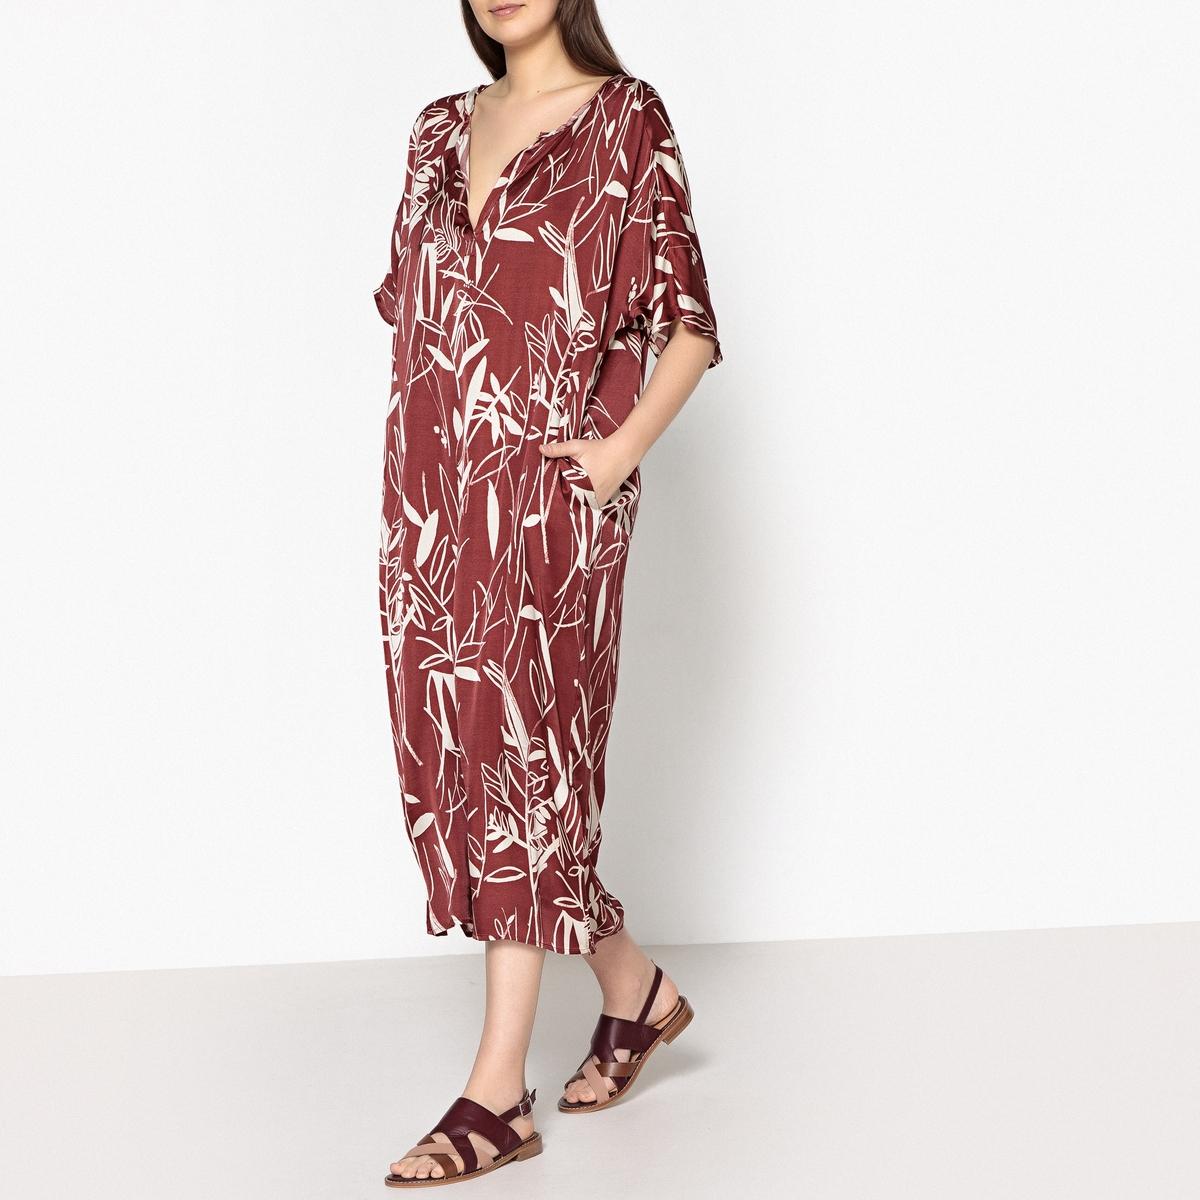 Платье длинное из шелка, тунисский вырез RONA